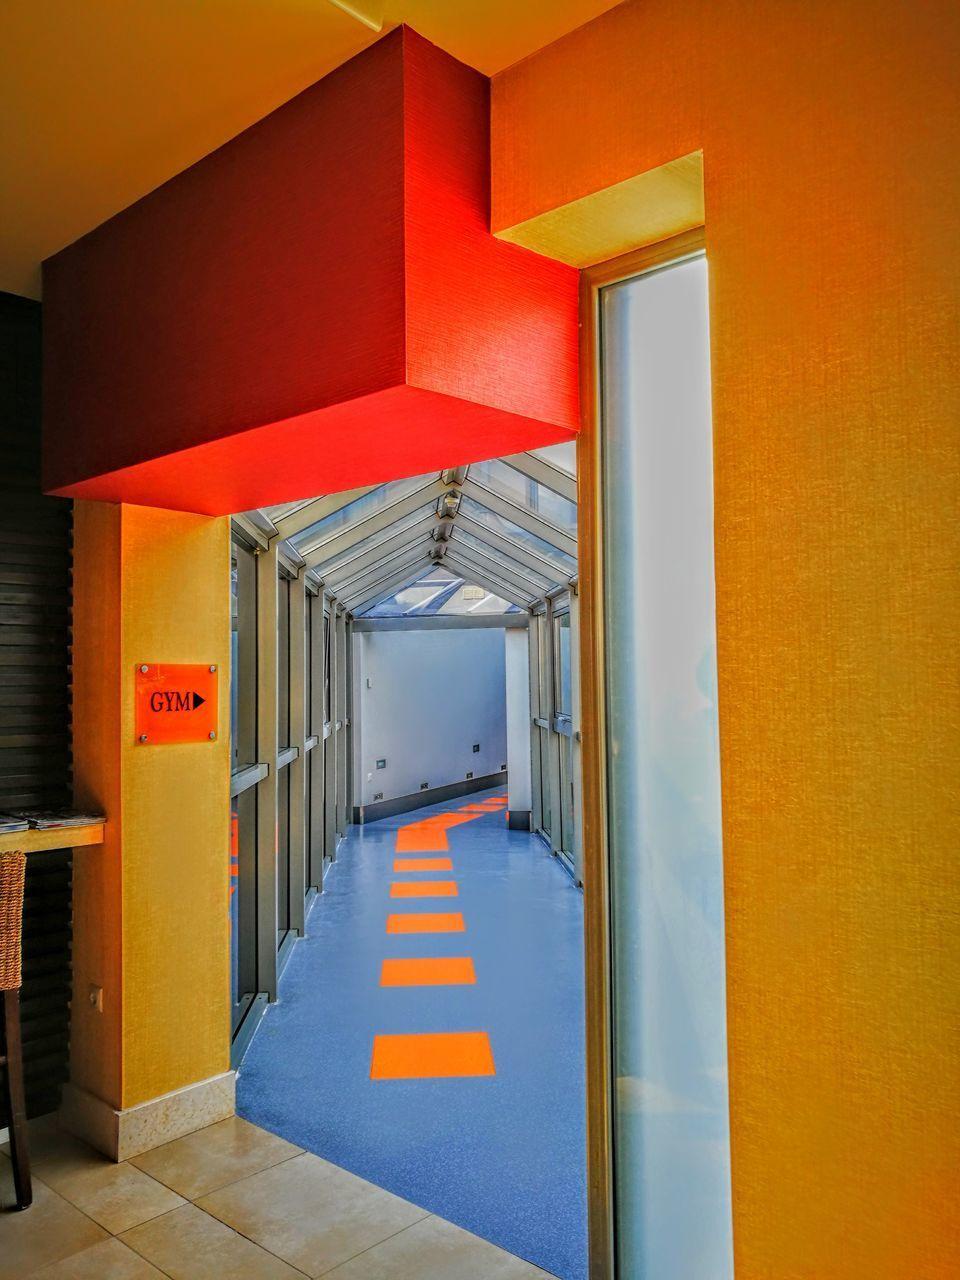 door, built structure, corridor, the way forward, architecture, indoors, no people, day